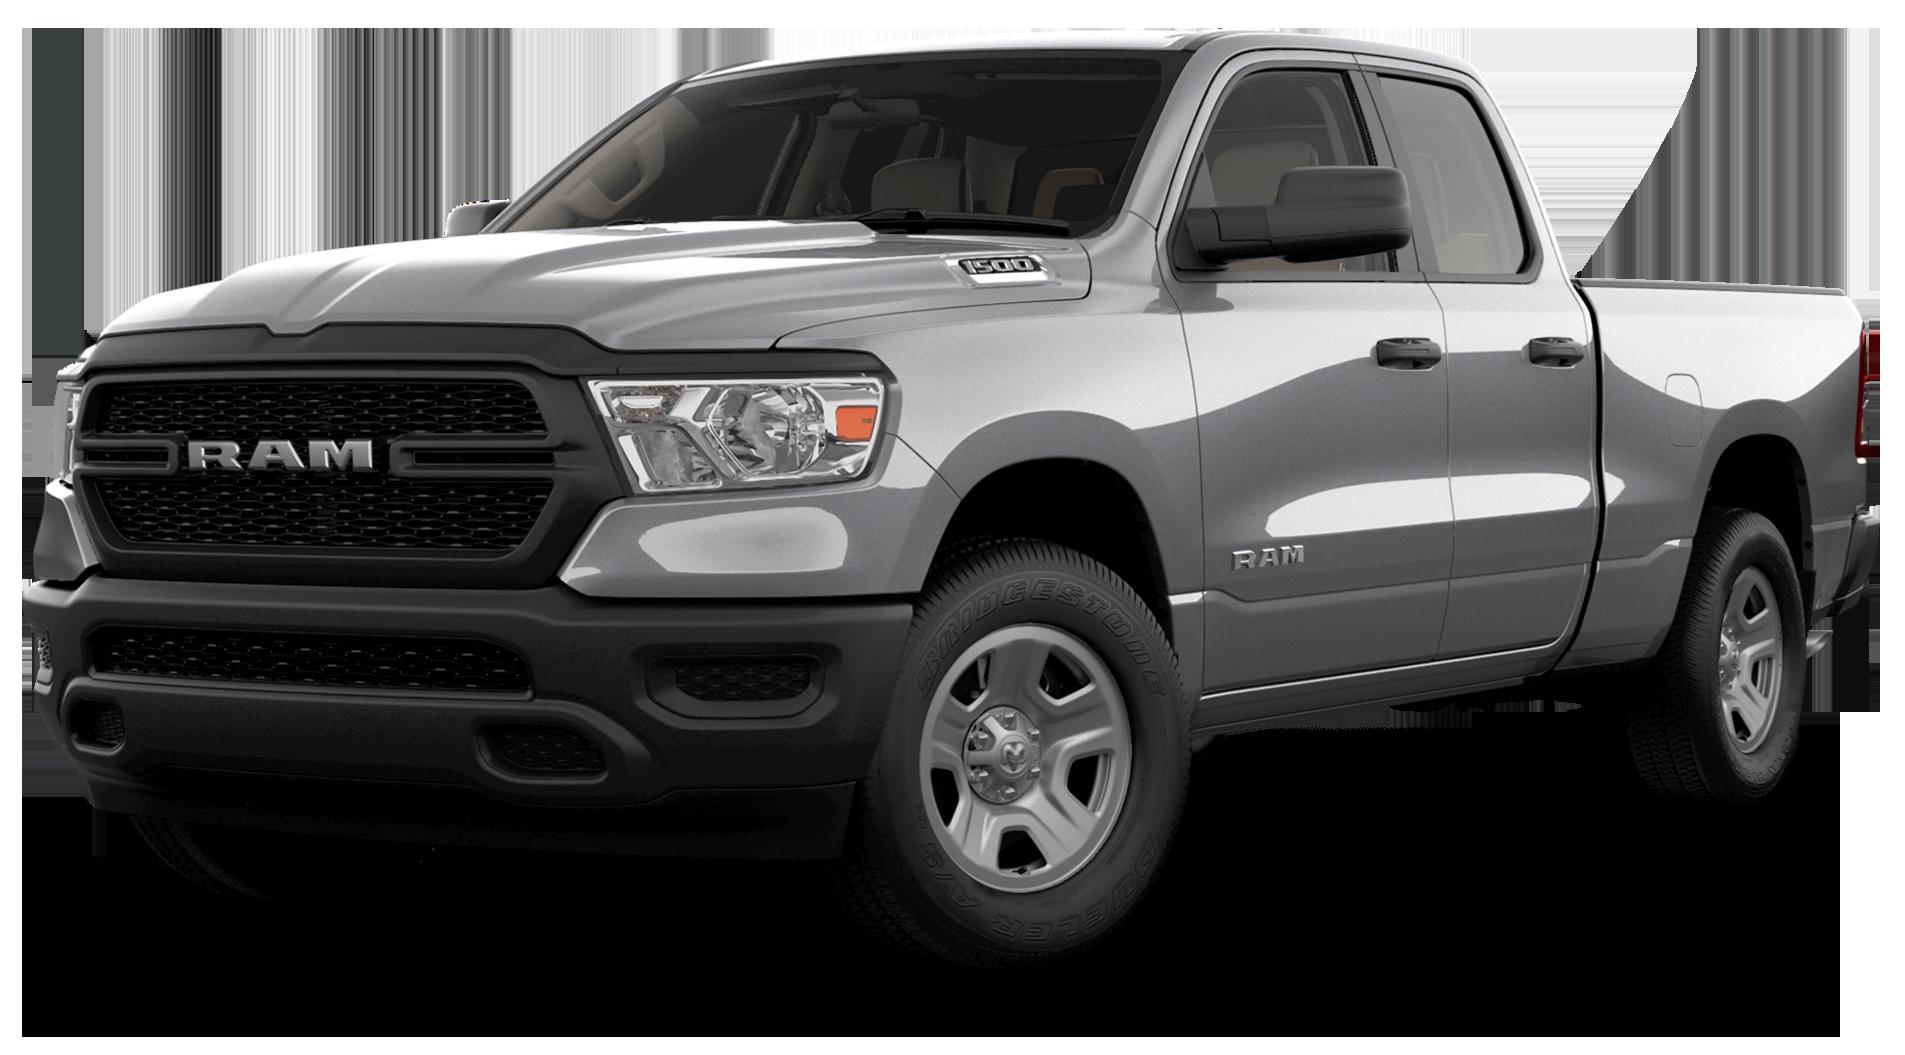 dodge don miller htm dealership new ram advertisements jeep chrysler